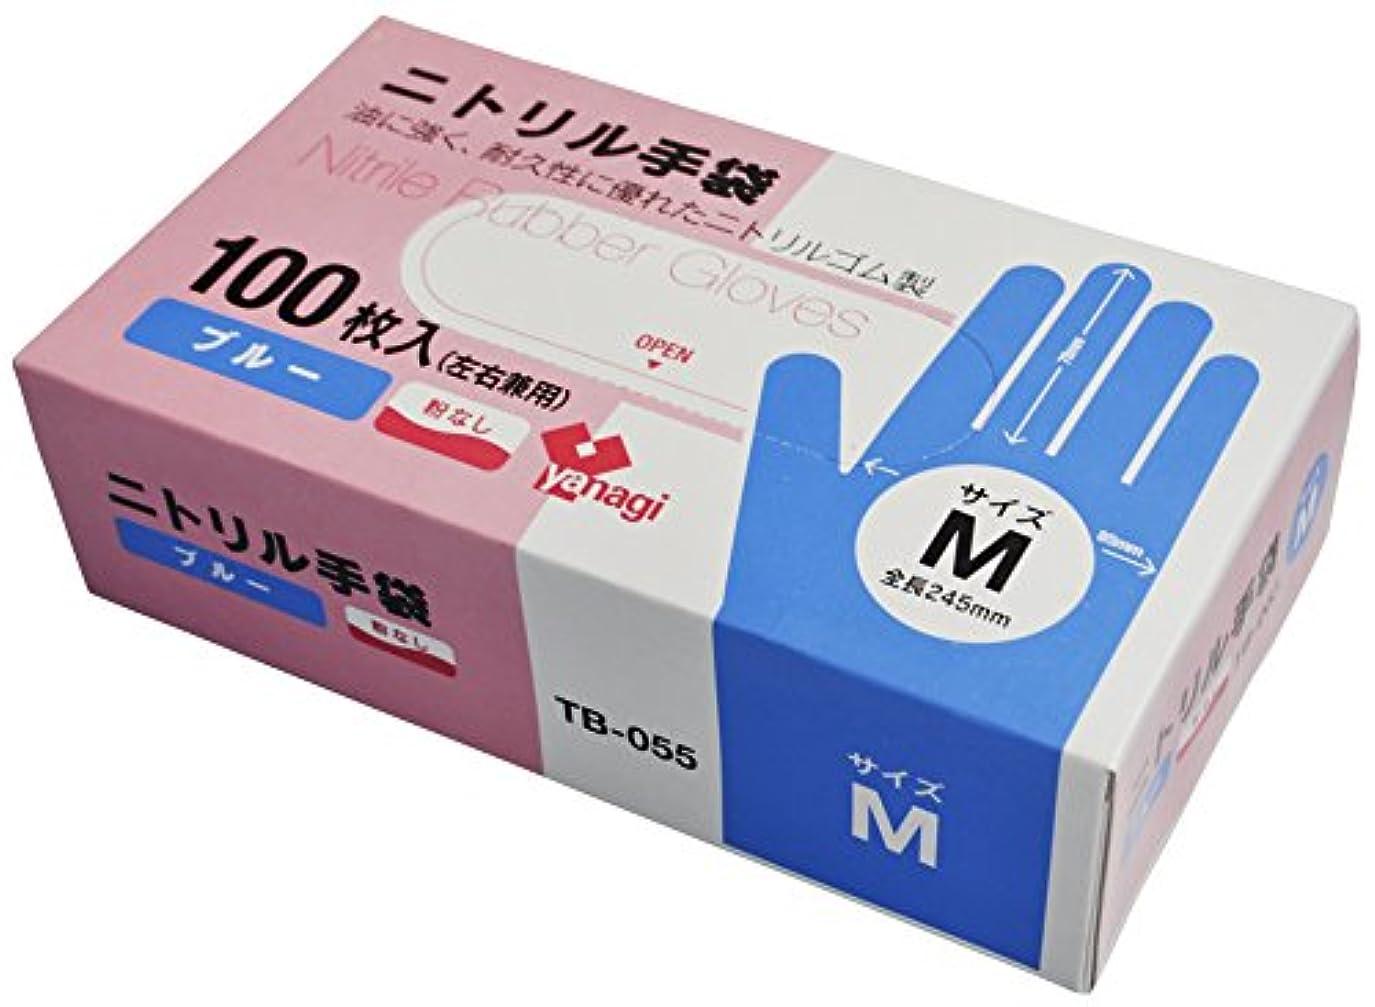 筋ブリーフケースロボット使い捨て ニトリル製手袋 ブルー 左右兼用 Mサイズ 100枚入 粉なし 食品衛生法規格基準適合品 TB-055